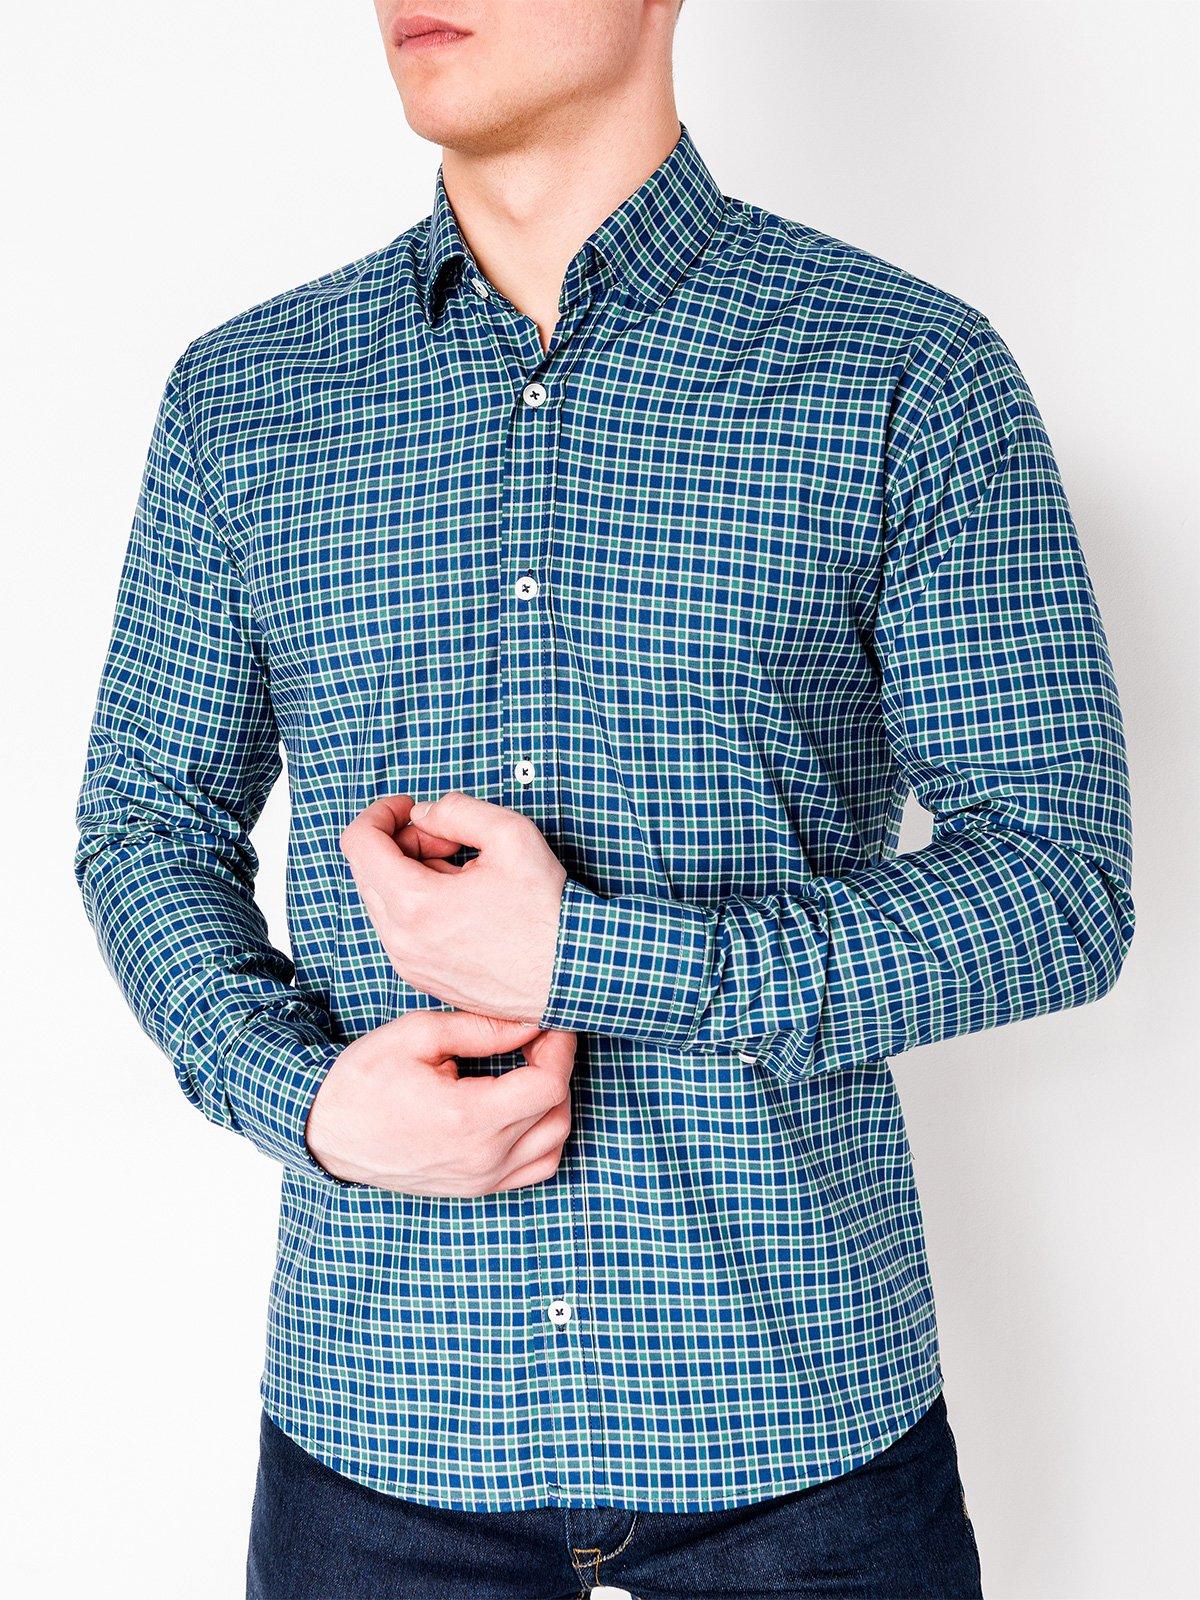 ca09b7d12c2 ... Мужская рубашка в клеточку с длинным рукавом K436 - тёмно-синяя зеленая  ...